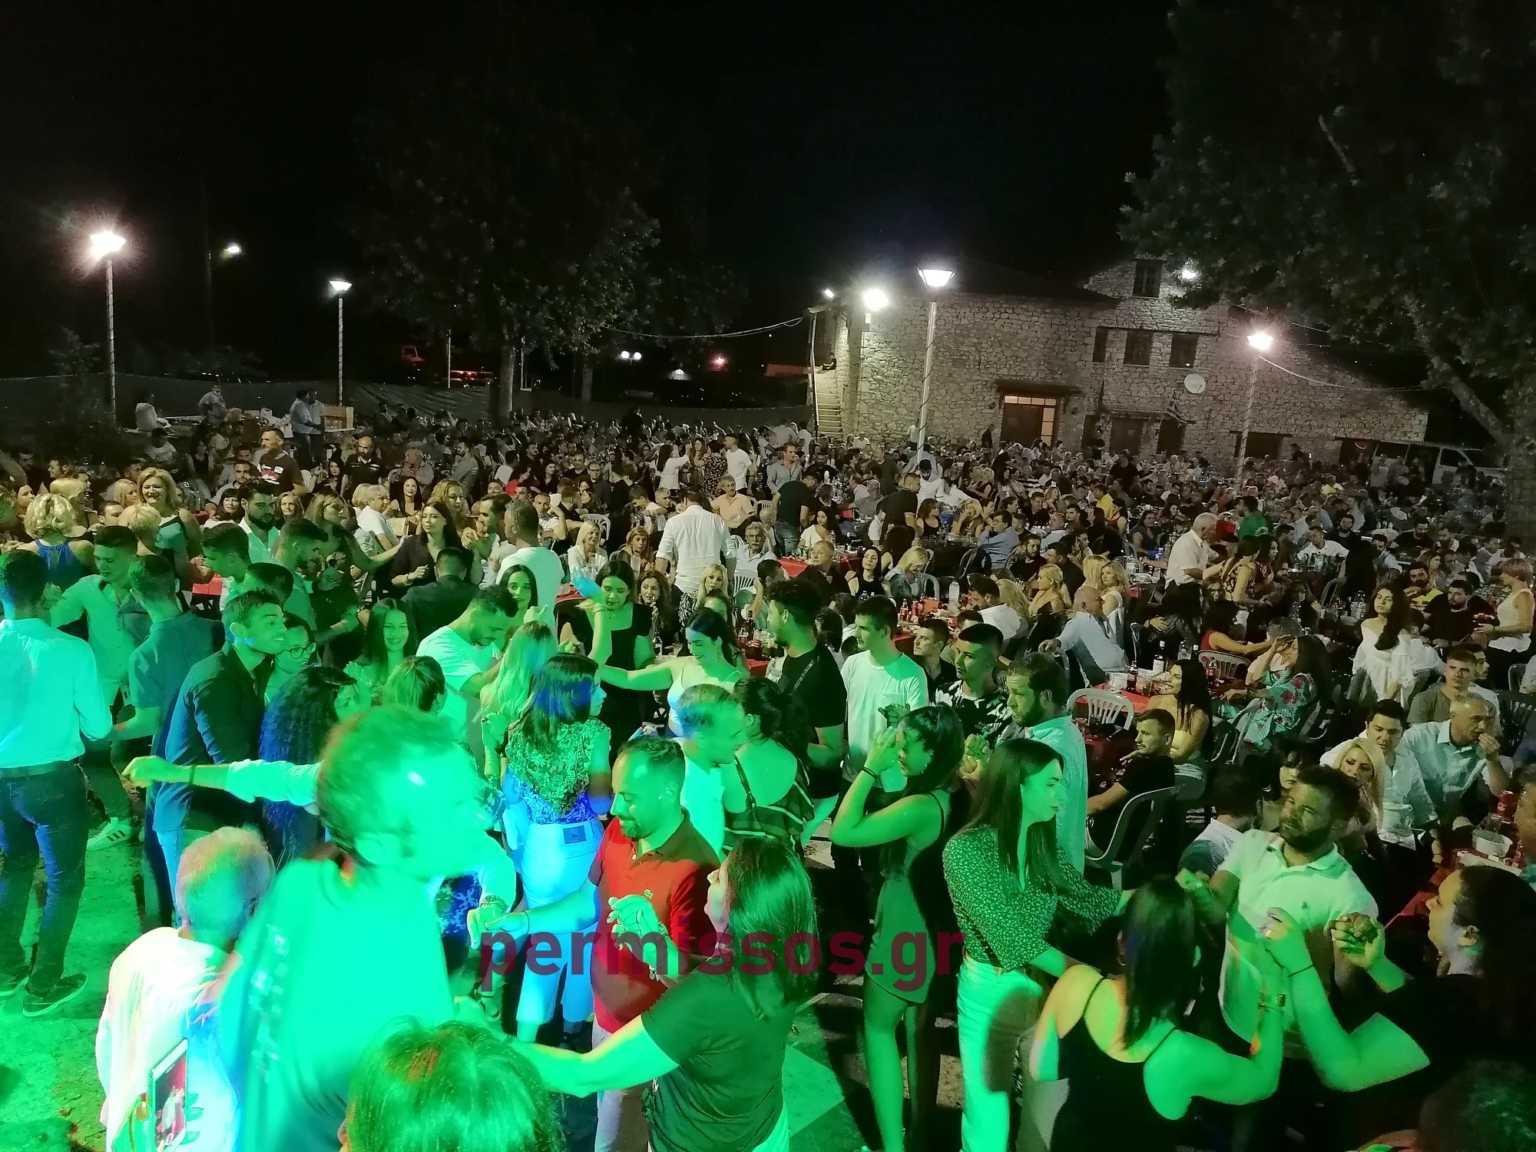 Γουδί και Αλίαρτος… βάζουν θέμα απαγόρευσης στα πανηγύρια